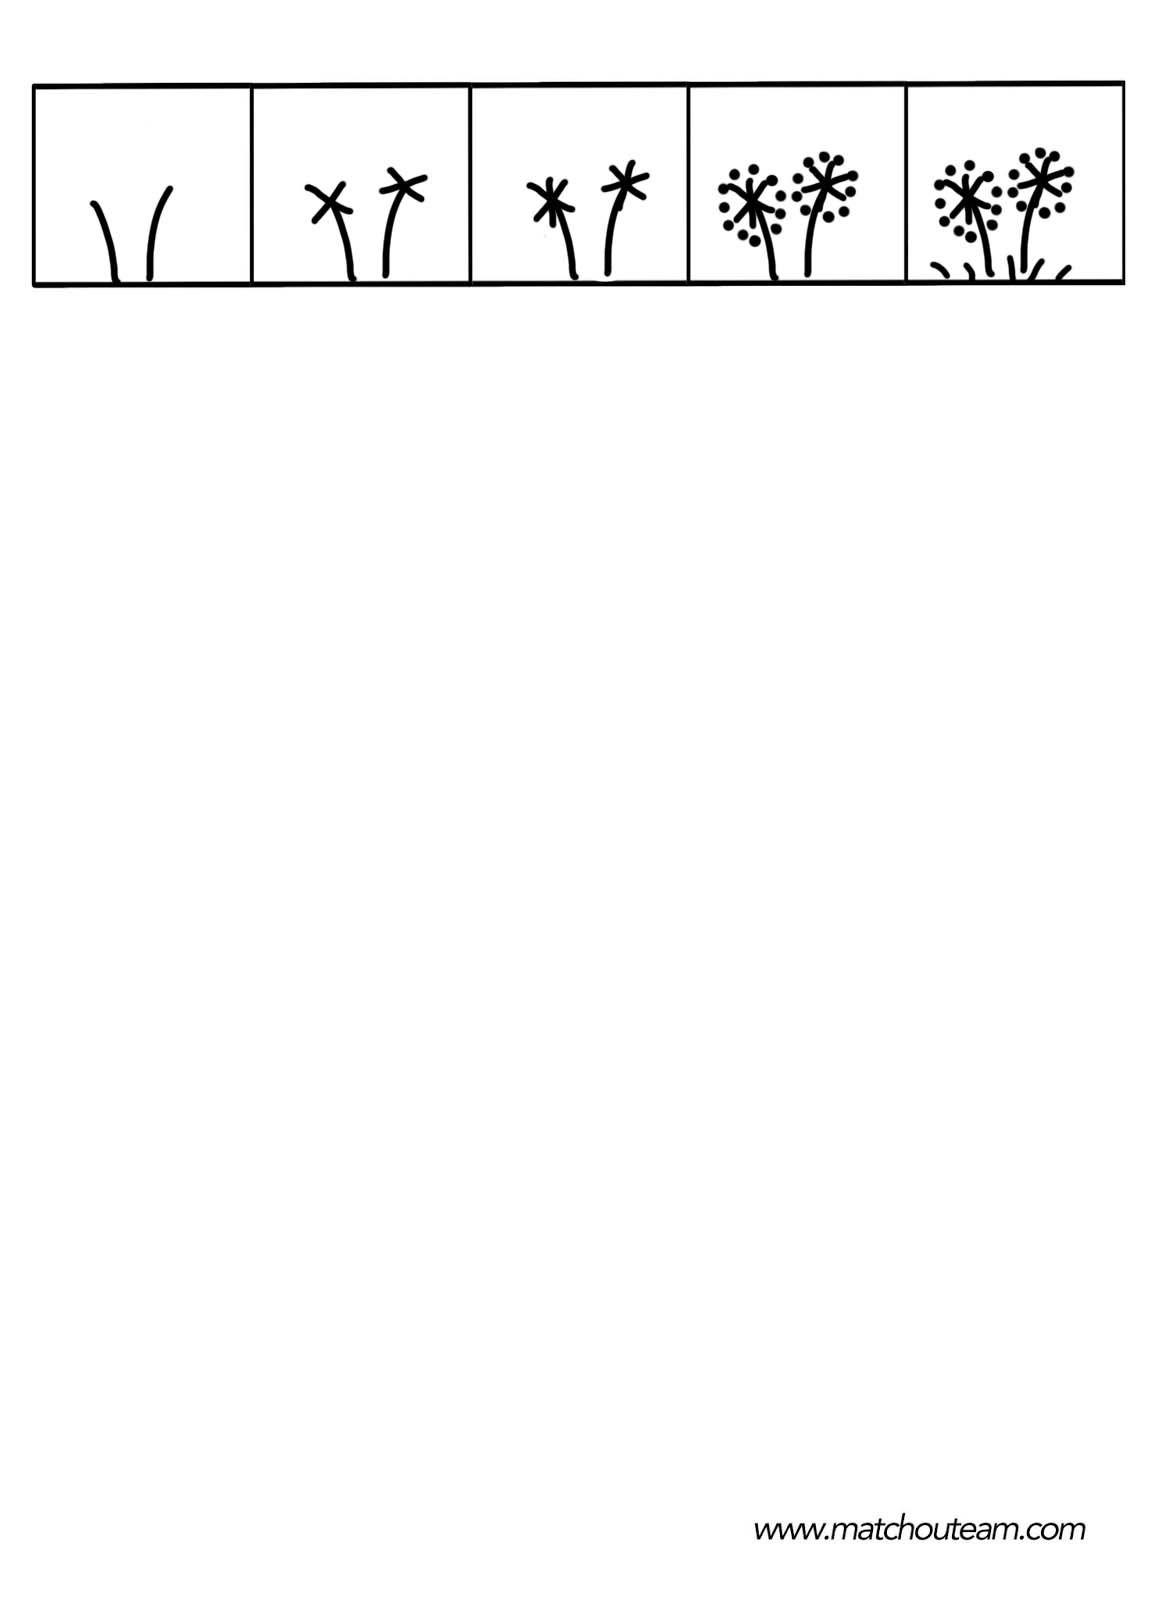 fiches de dessins dirig s dessins par tape drawing step by step pinterest dessin fleur. Black Bedroom Furniture Sets. Home Design Ideas